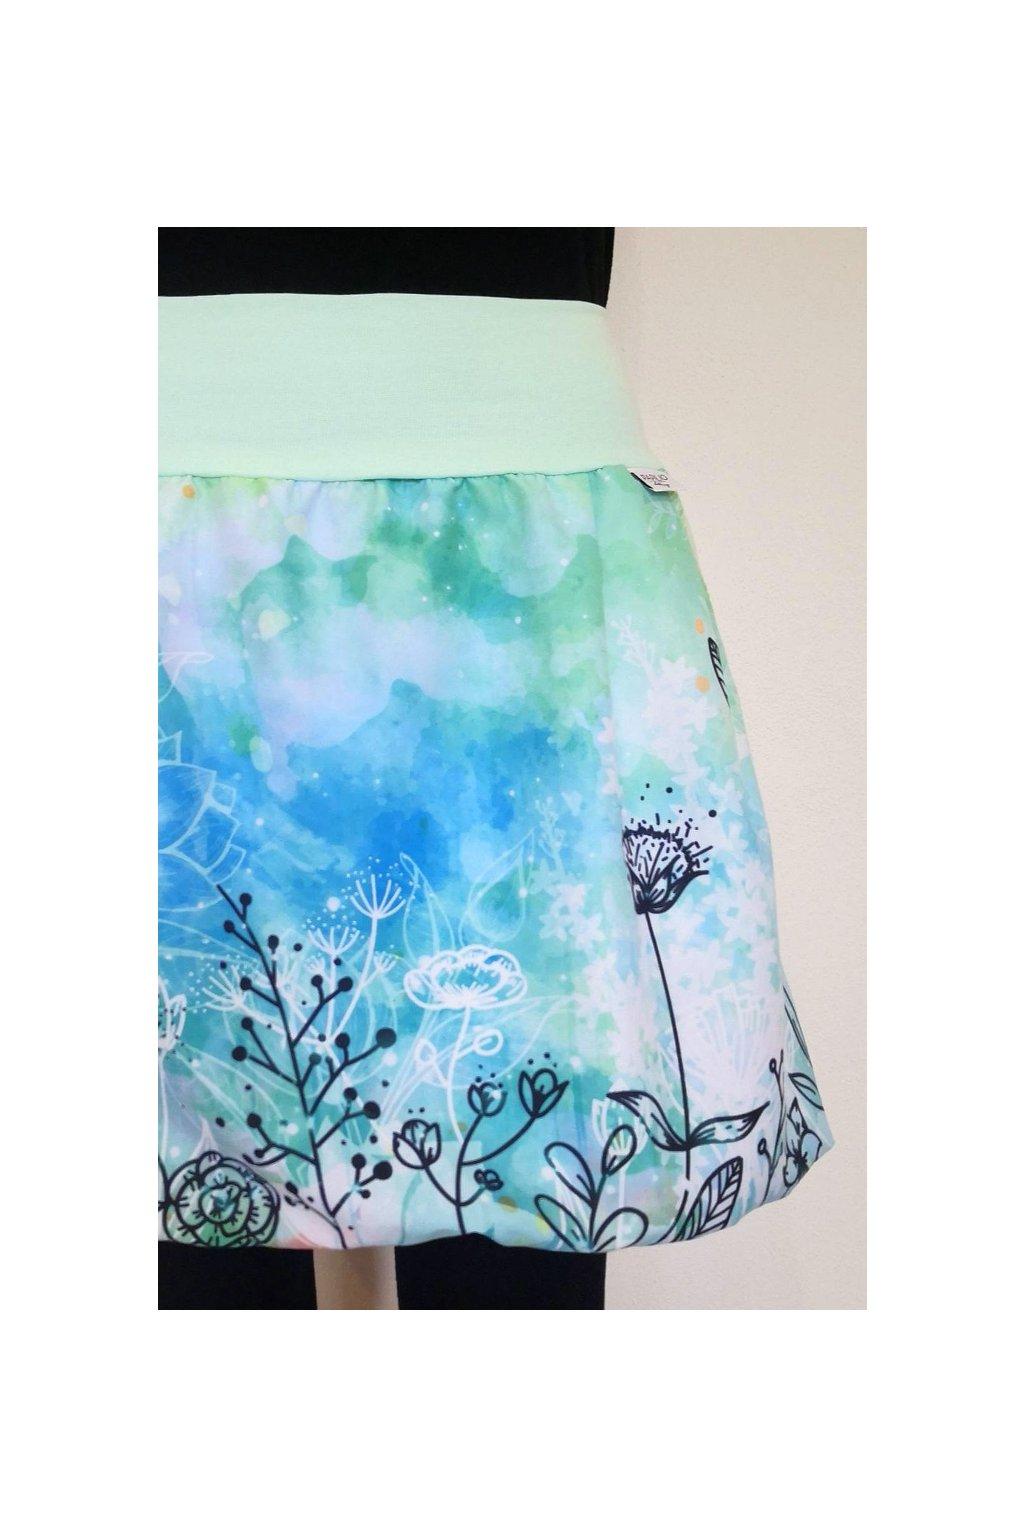 Balonová sukně Mint květy | micropeach